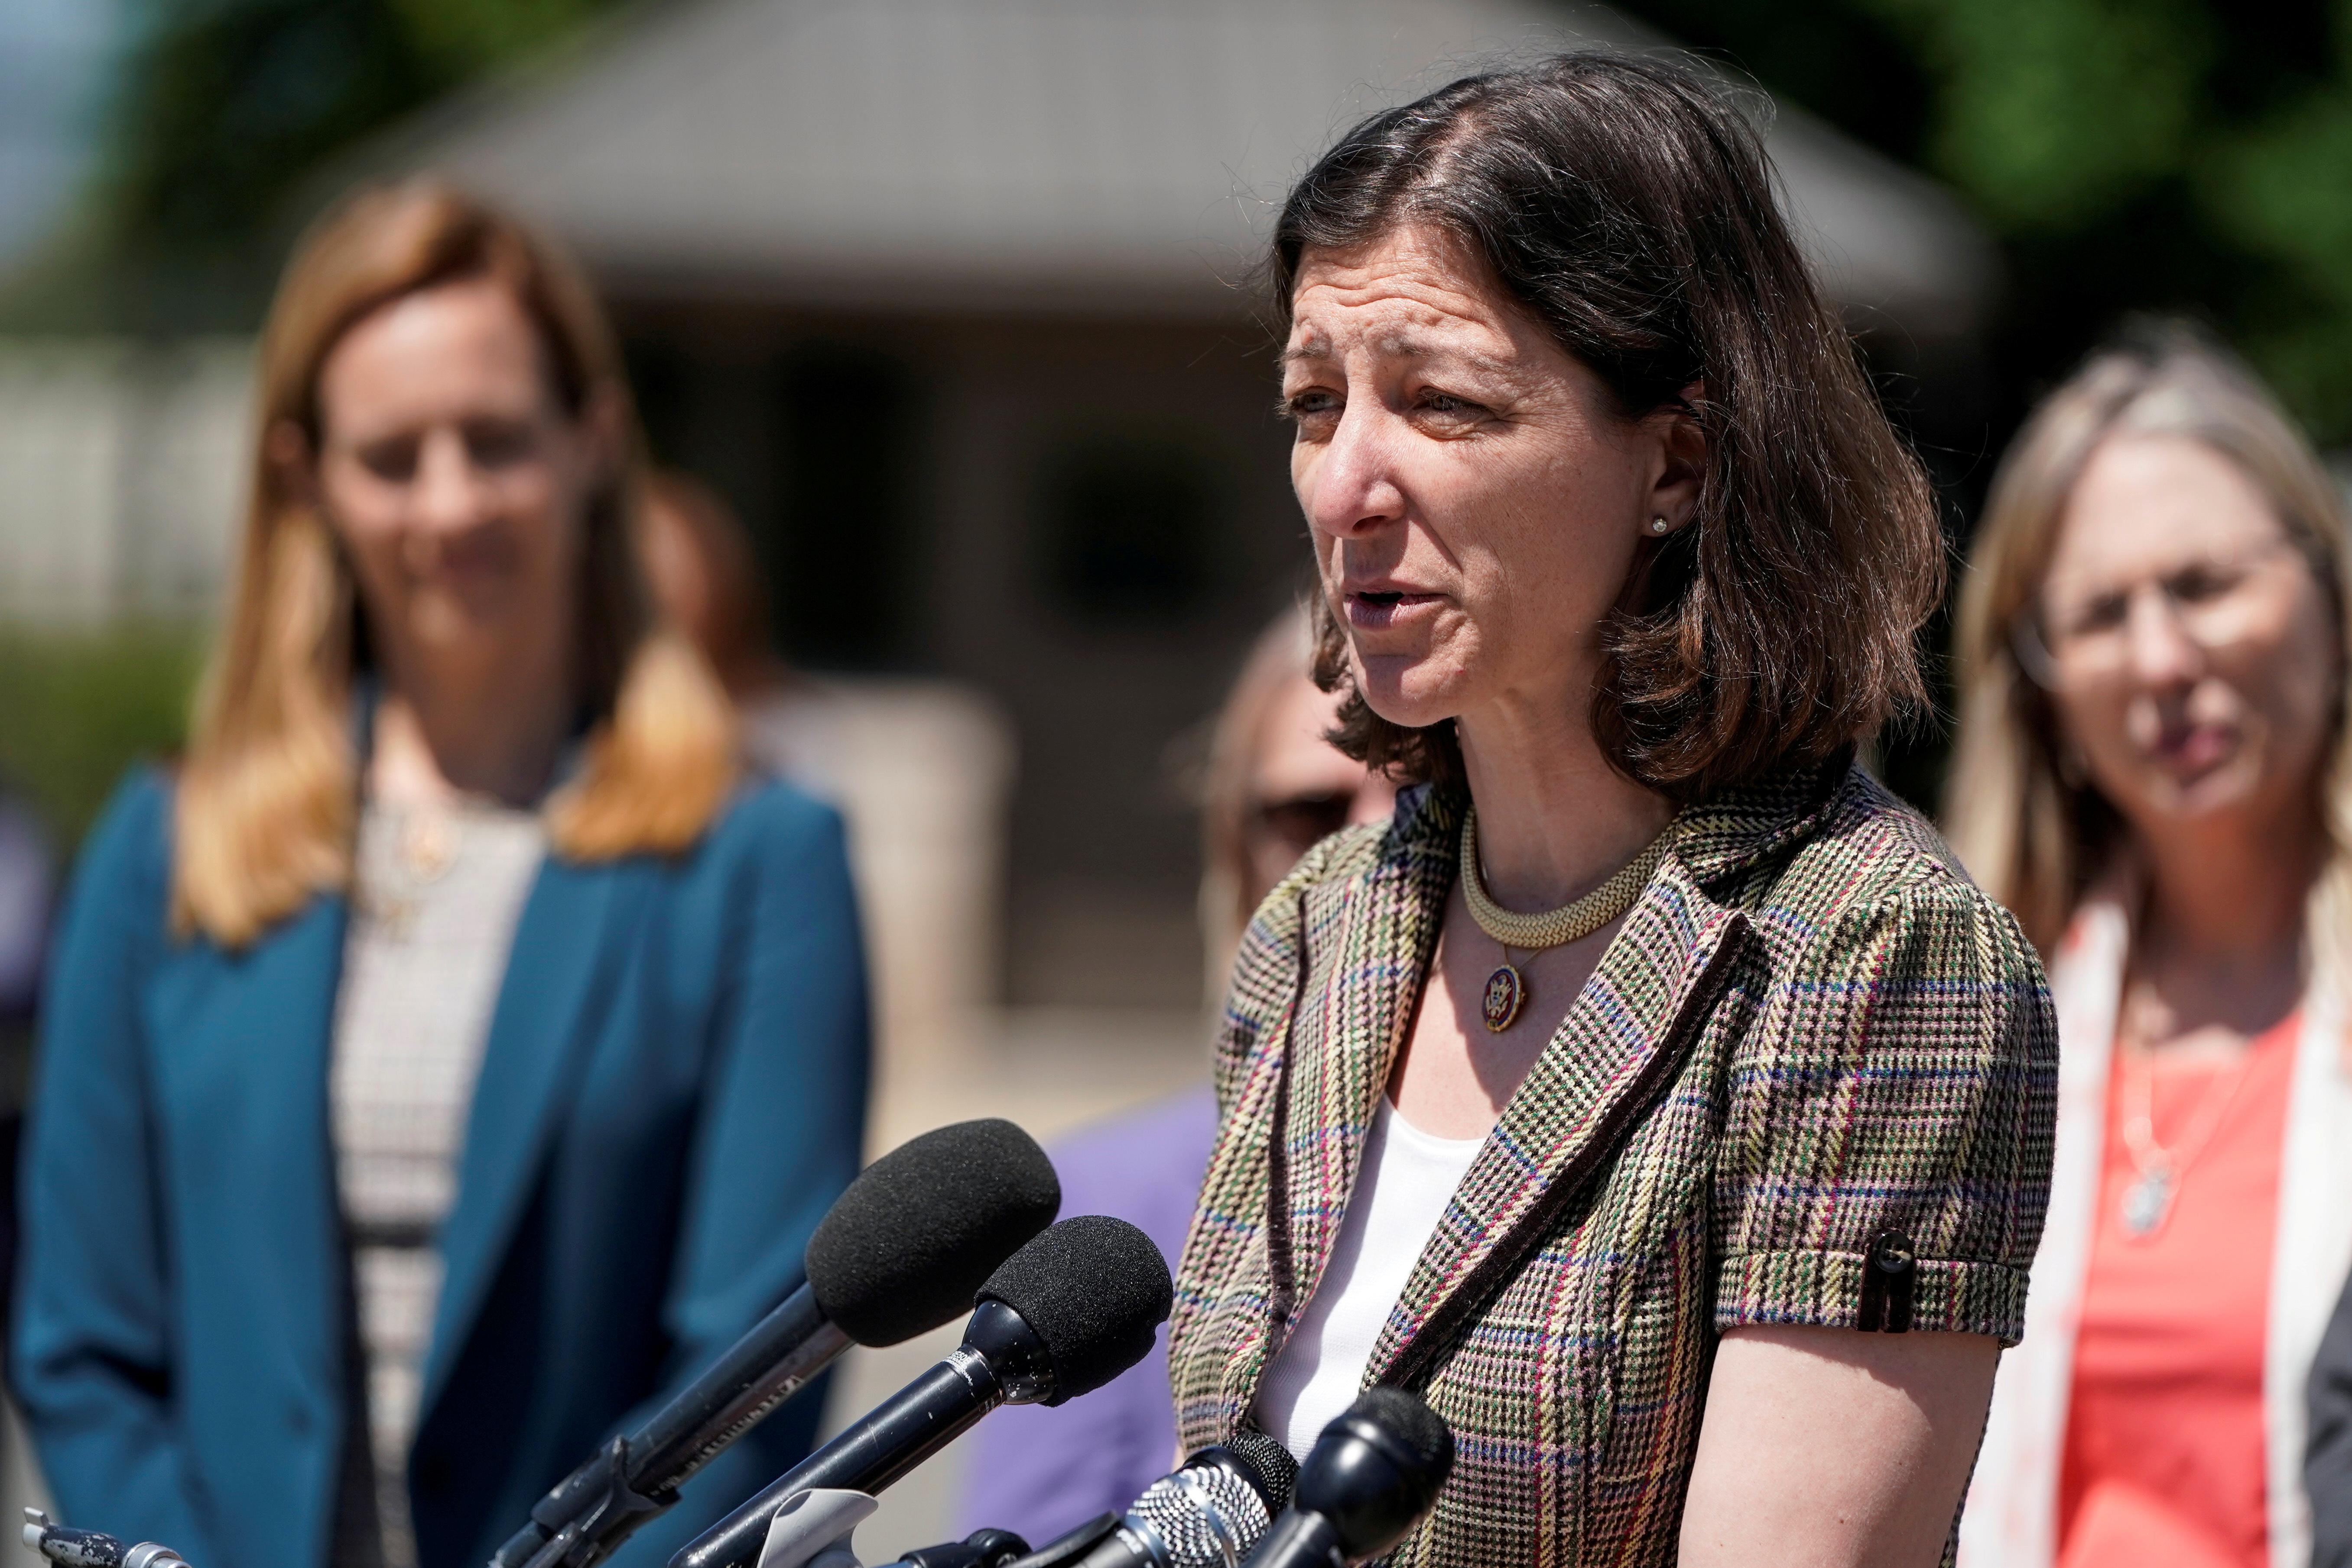 Des démocrates vulnérables au Congrès américain désireux d'aller au-delà de la destitution